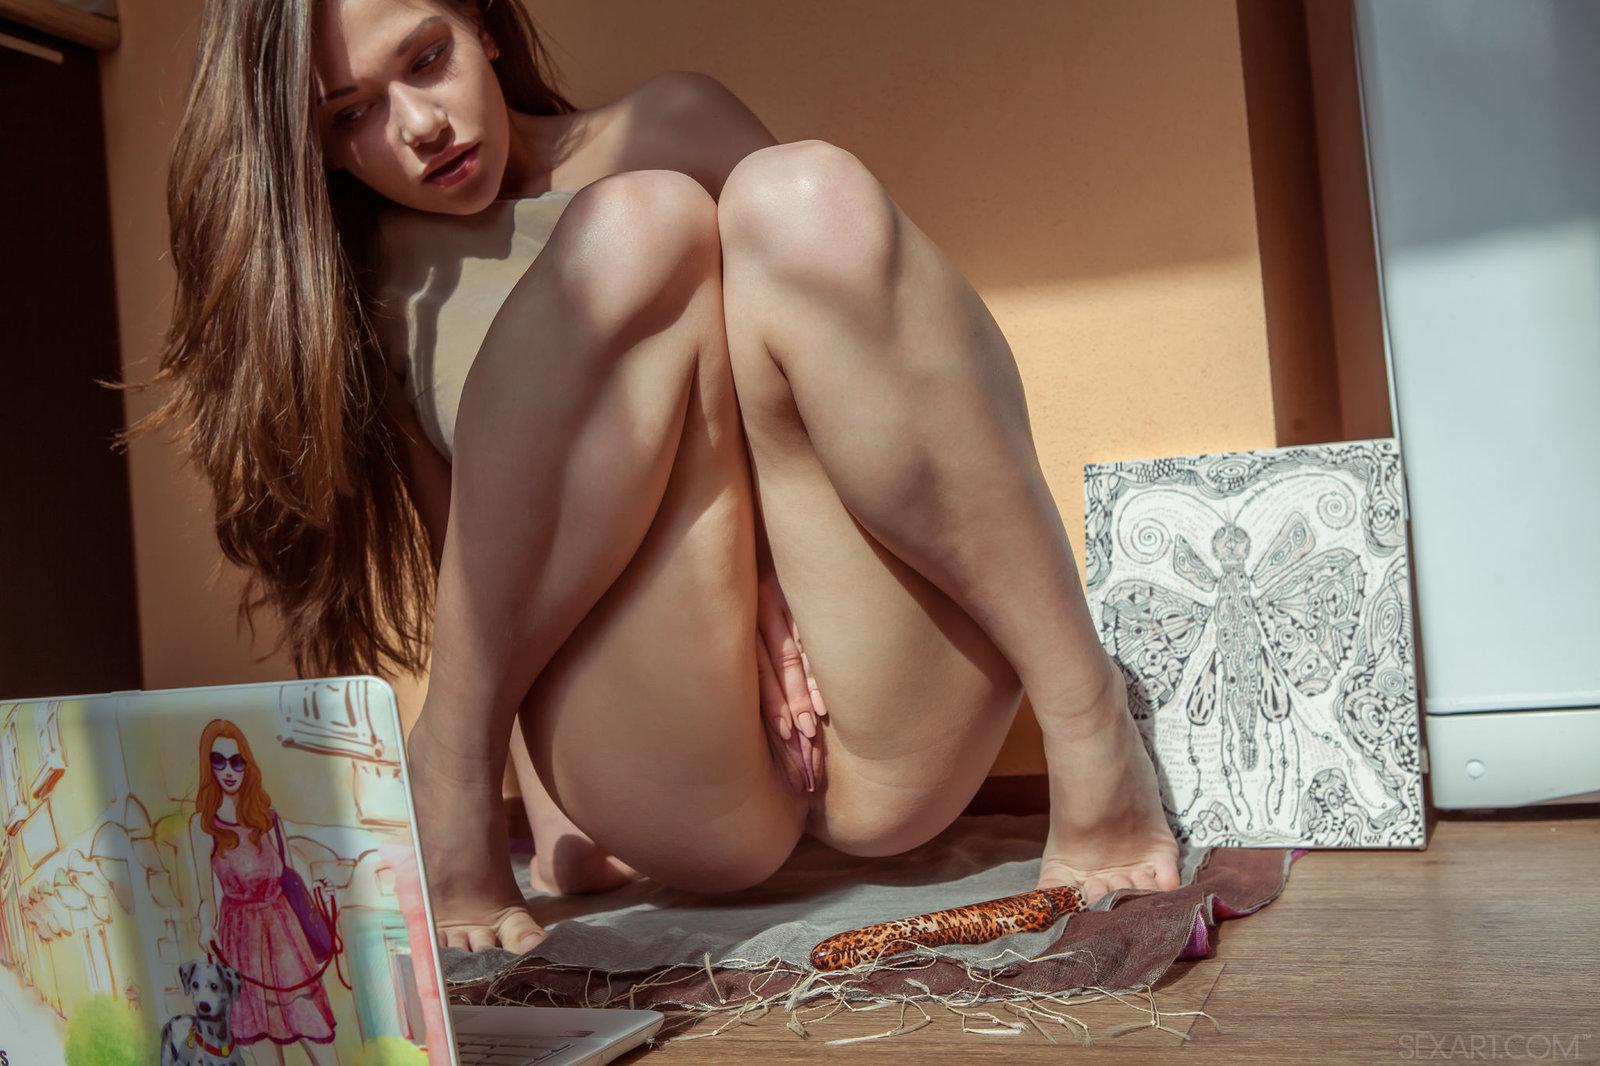 Zdjęcie porno - 051 - Niunia przed kamerką